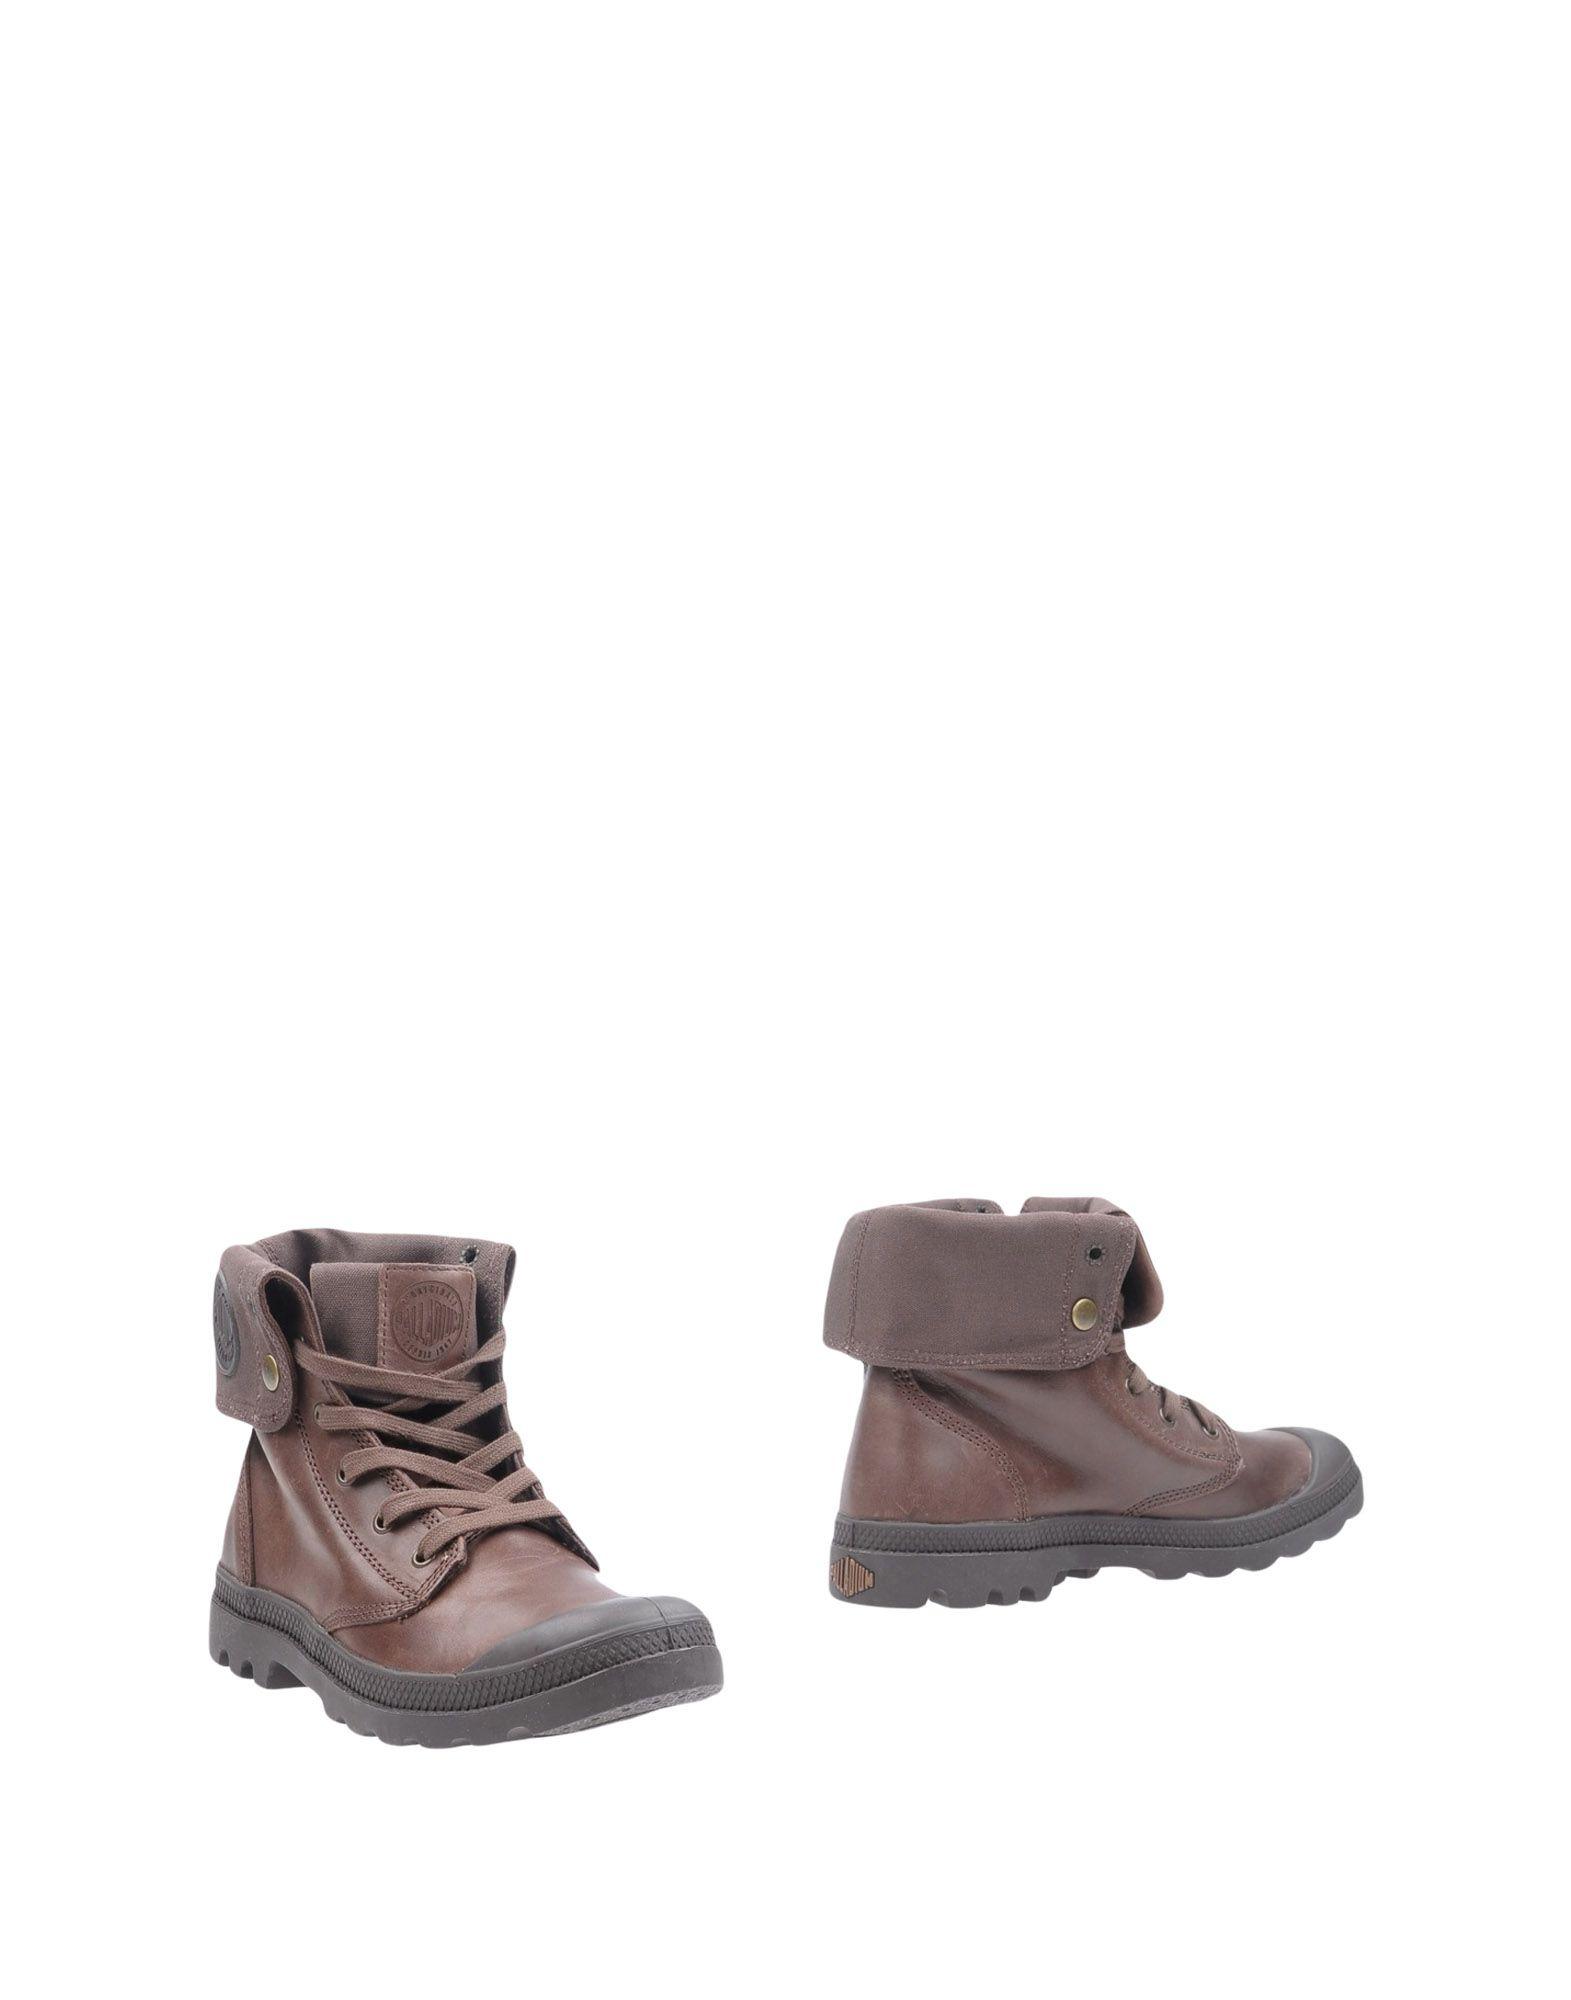 PALLADIUM Полусапоги и высокие ботинки ботинки зимние женские palladium baggy leather blush vapor